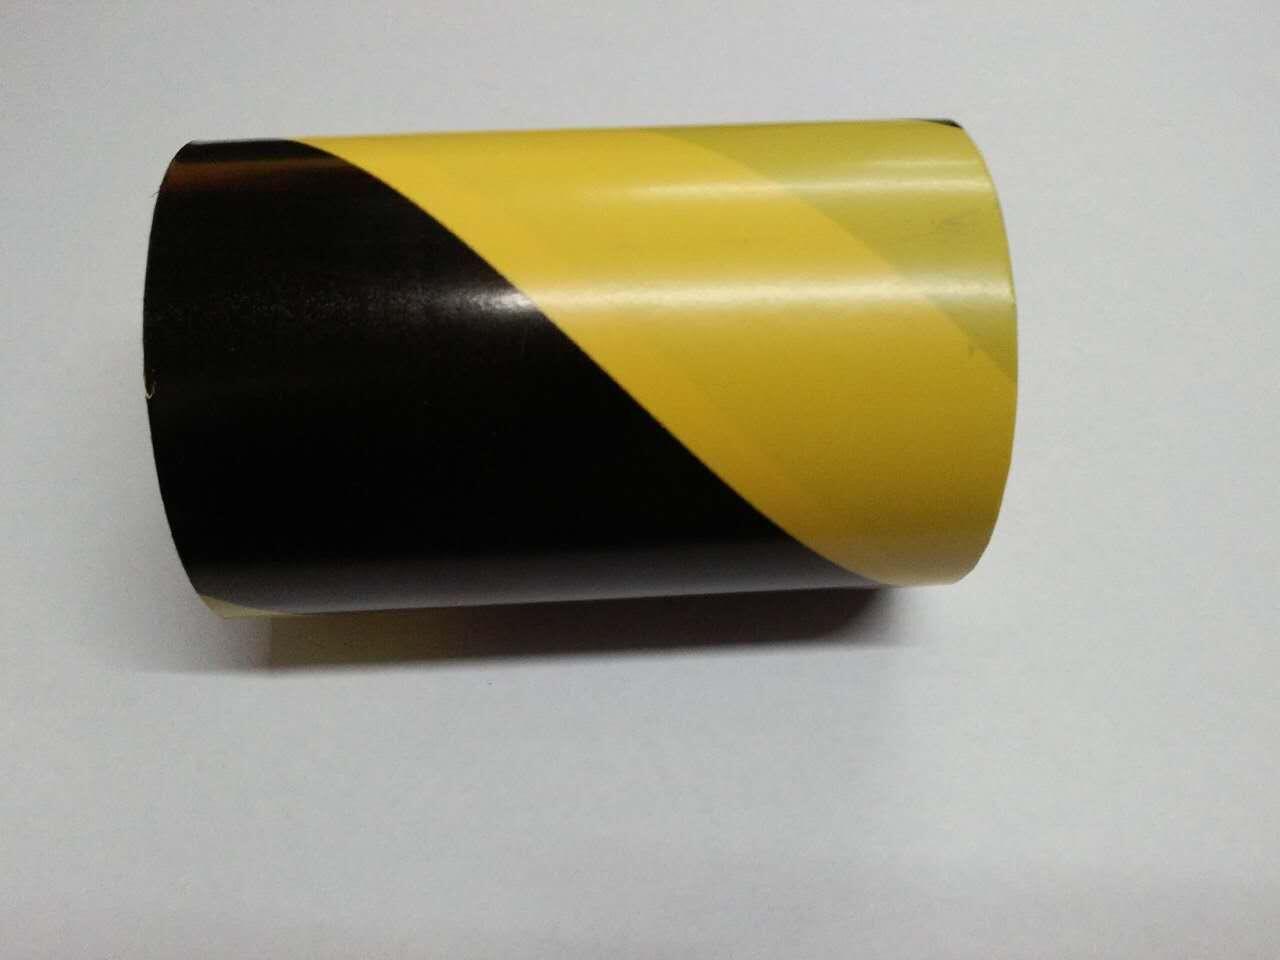 厂家销售PVC黄黑双色警示胶带.规格齐全